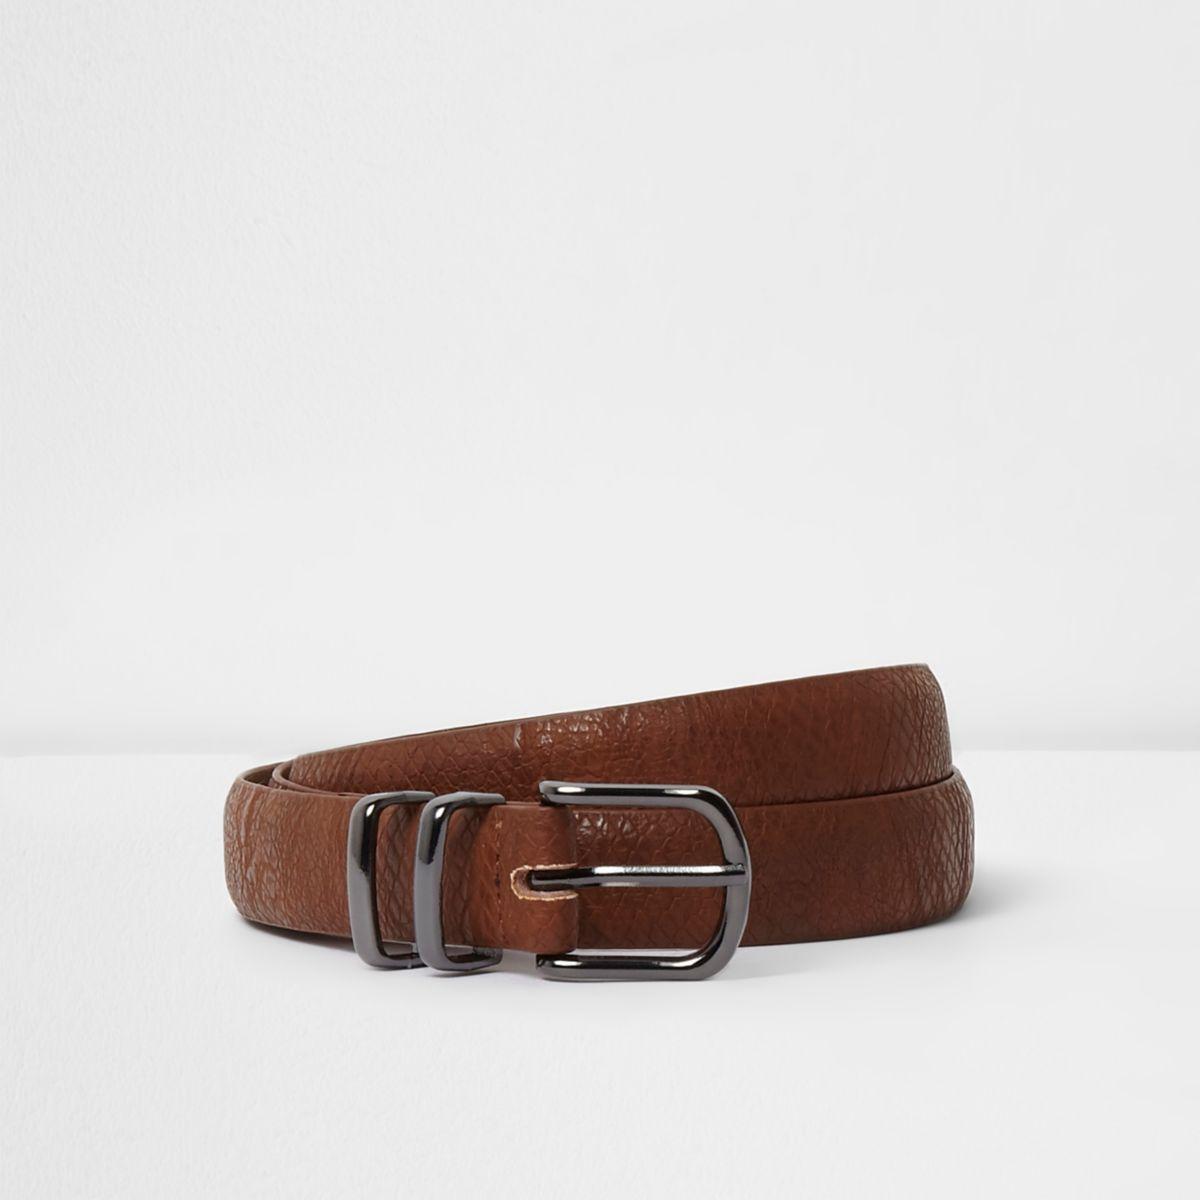 Tan snake embossed belt